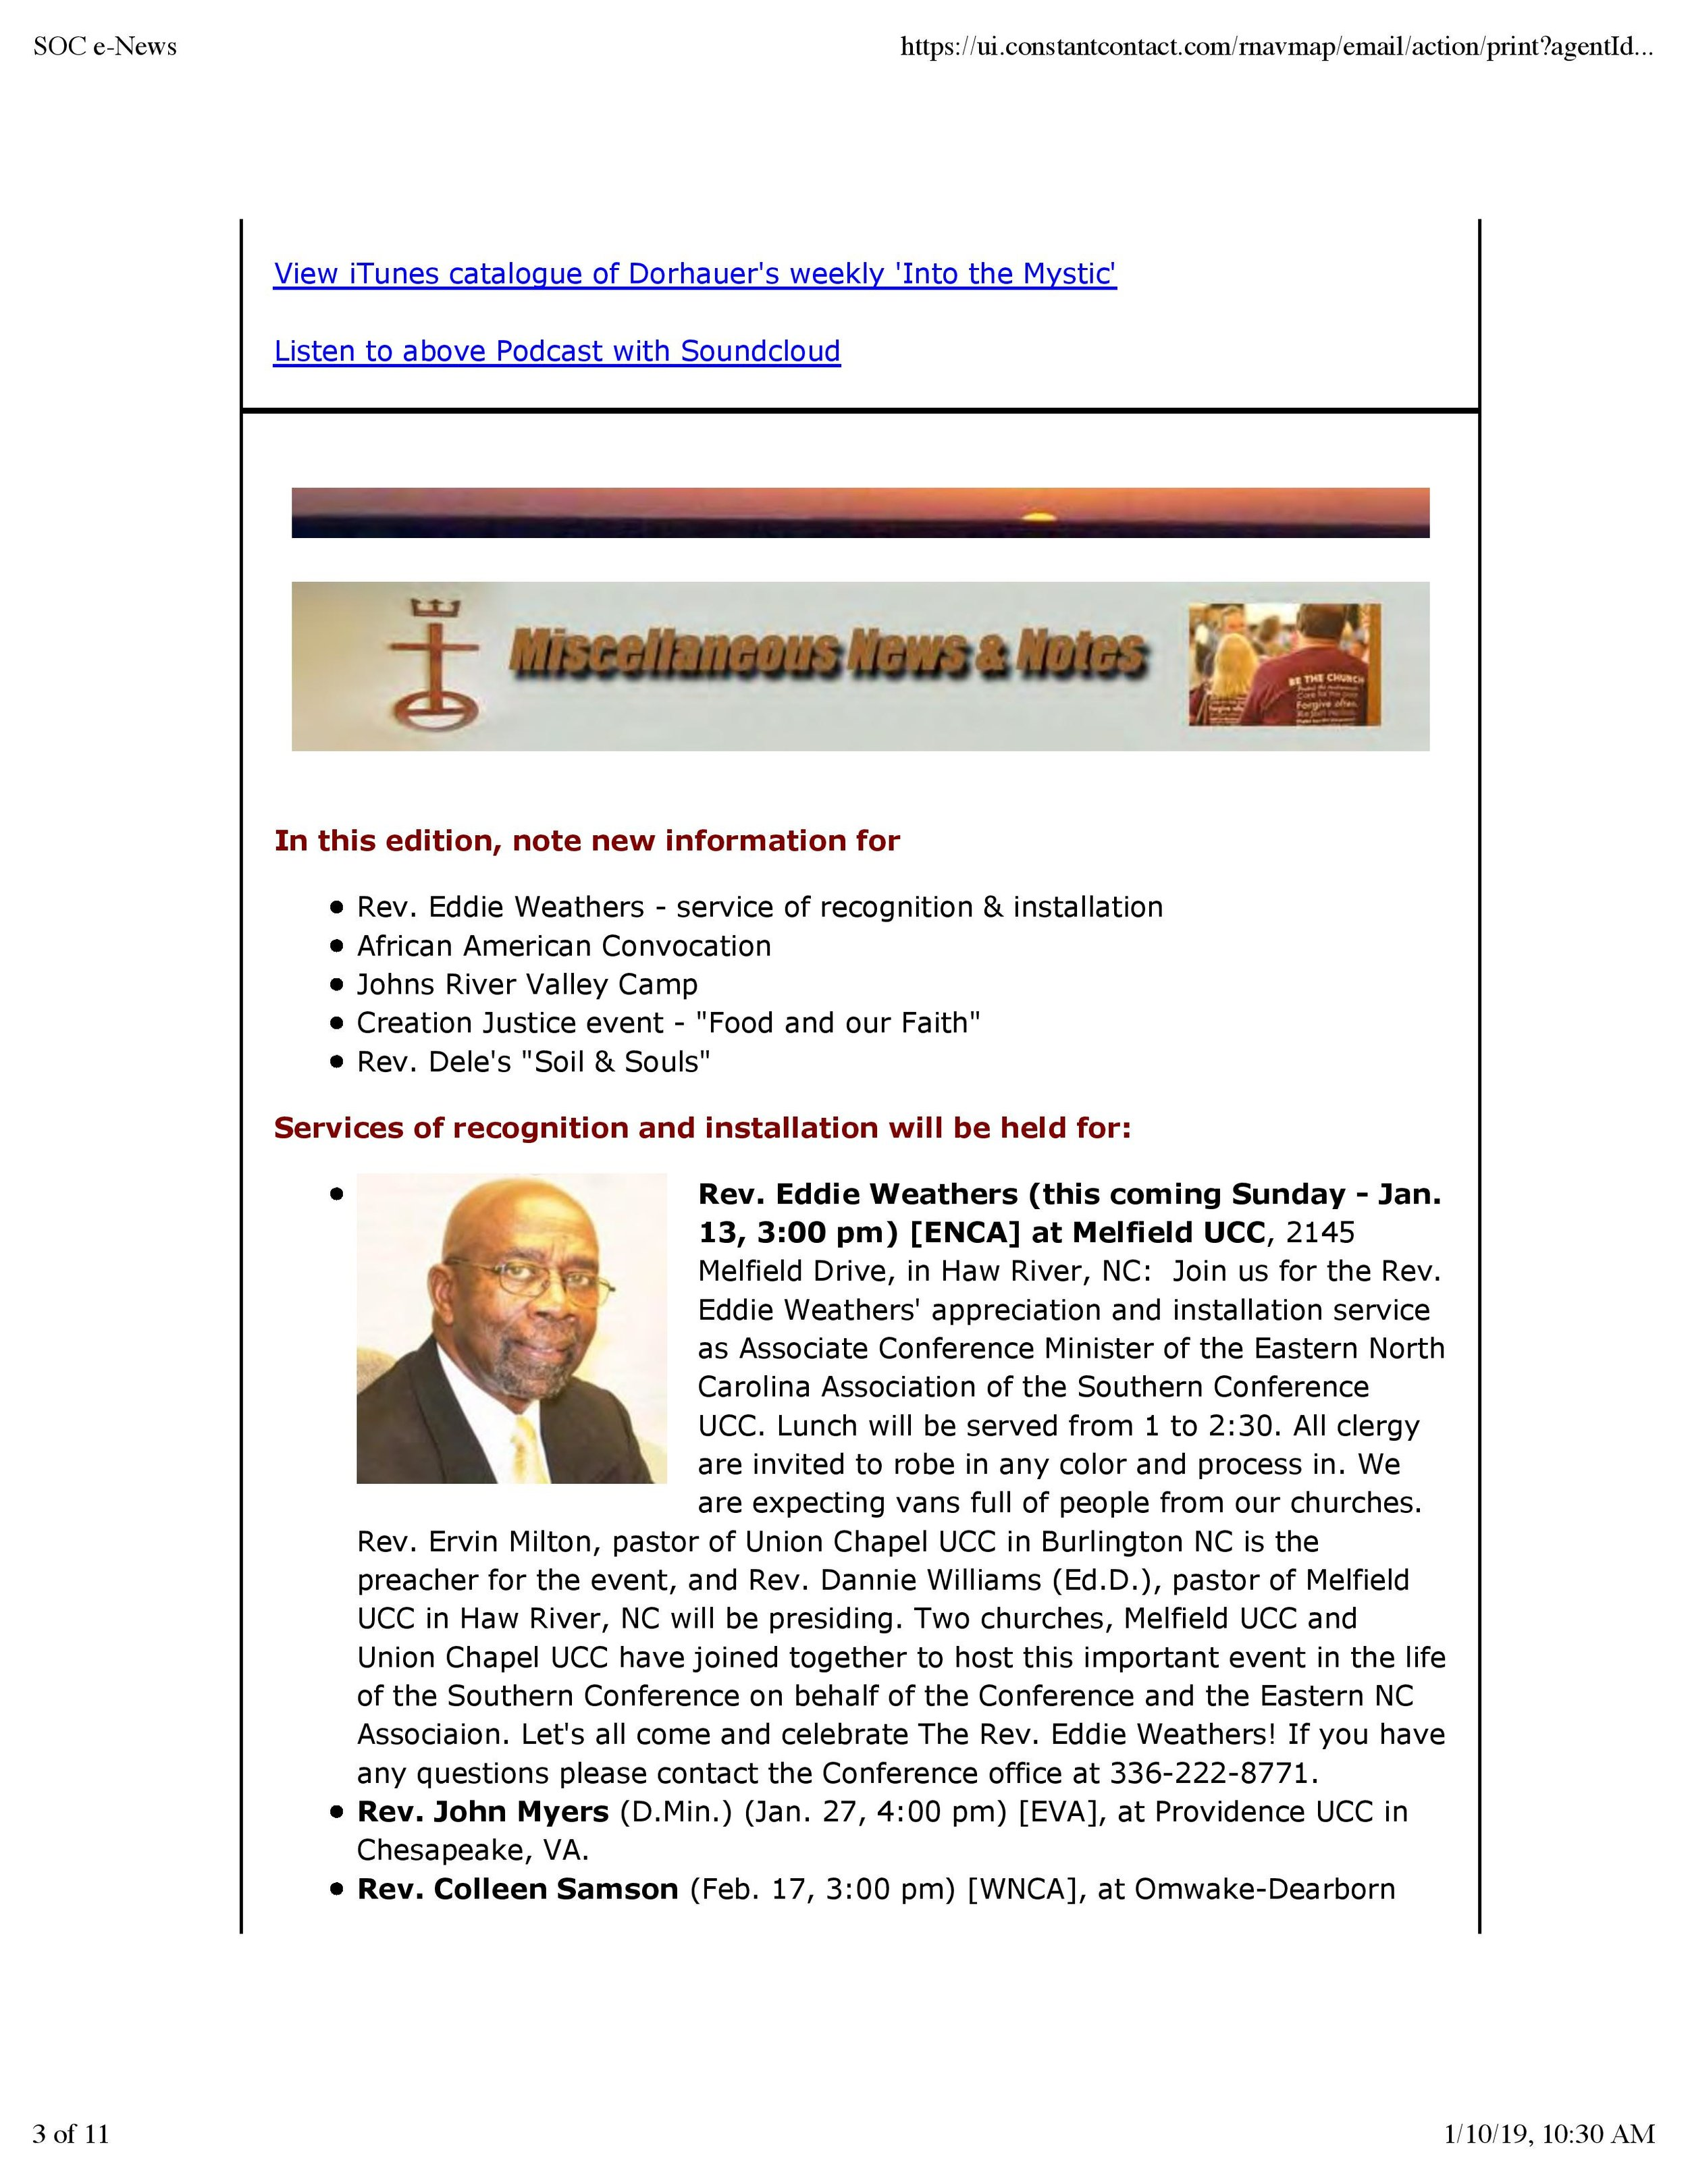 SOC_e-News_1-10-19-page-003.jpg